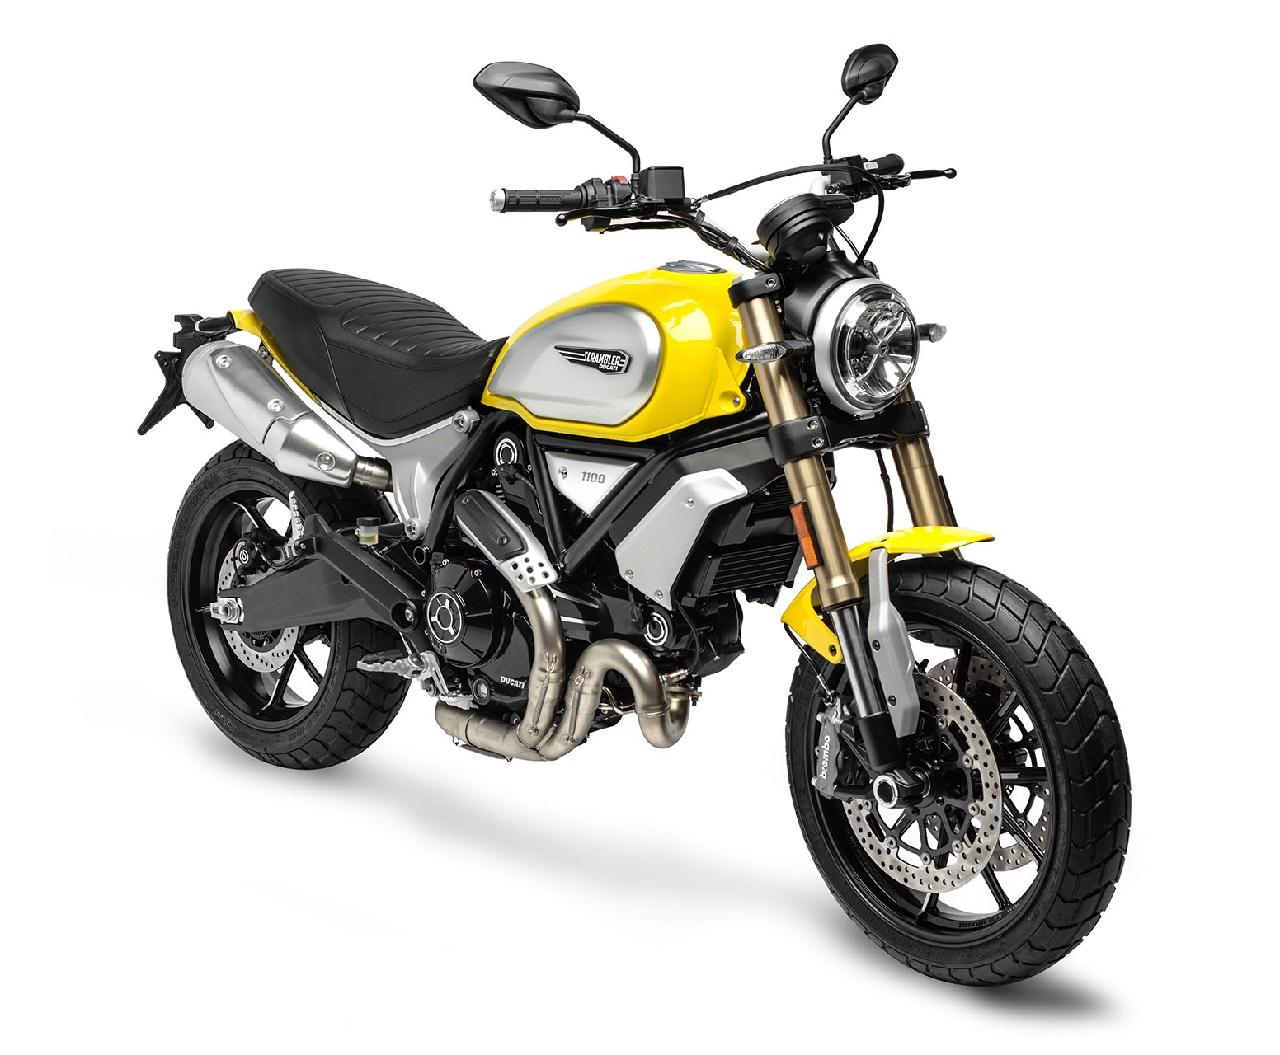 Co-gi-hap-dan-voi-Ducati-Scrambler-1100-gia-362-trieu-dong-anh-1